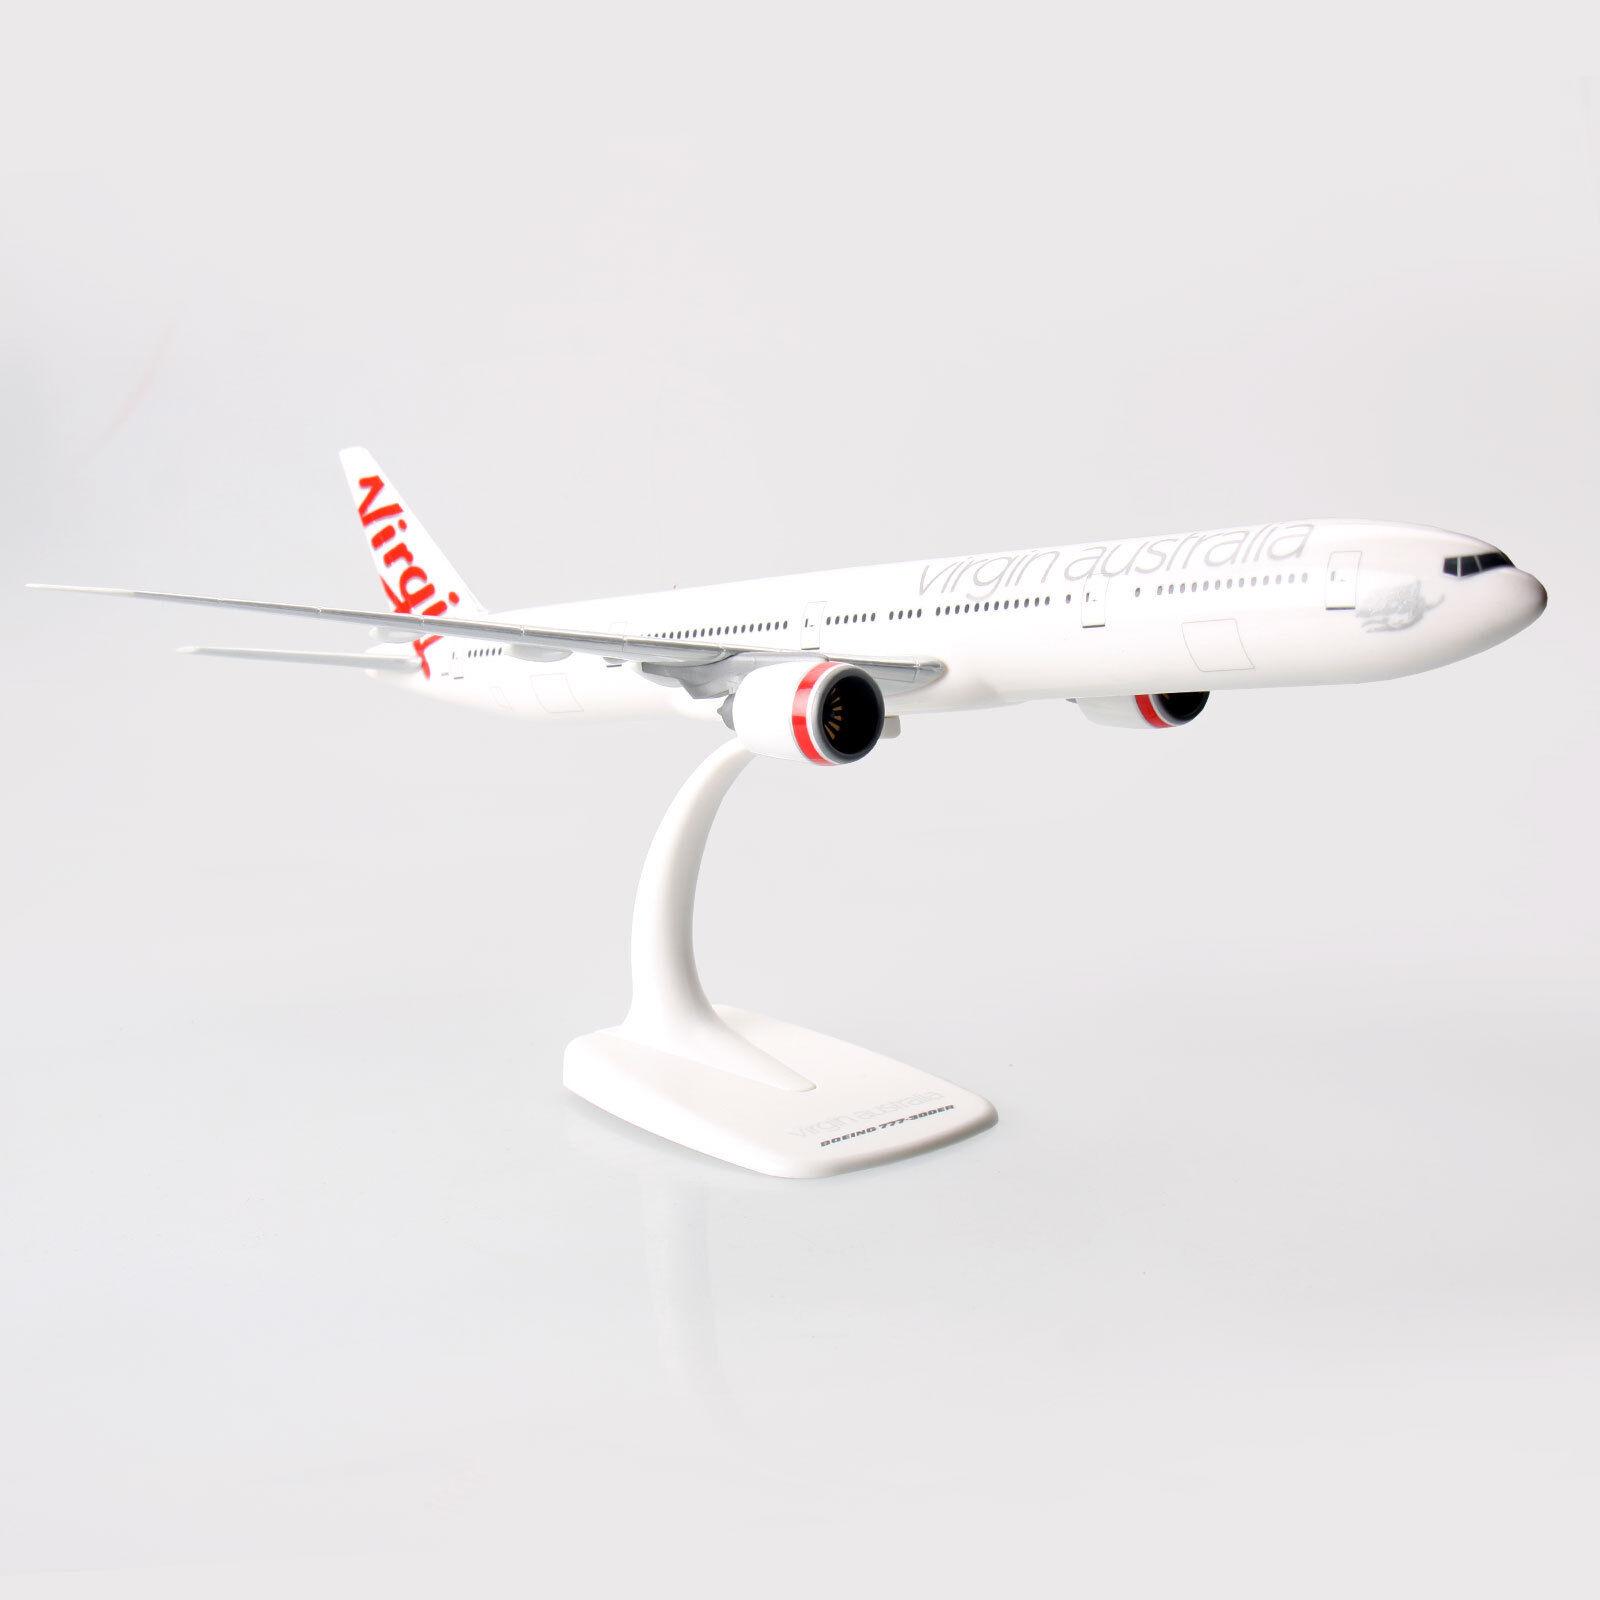 Virgin Australia Boeing 777-300ER 1 200 Escala Modelo de Avión 777 de plástico sólido